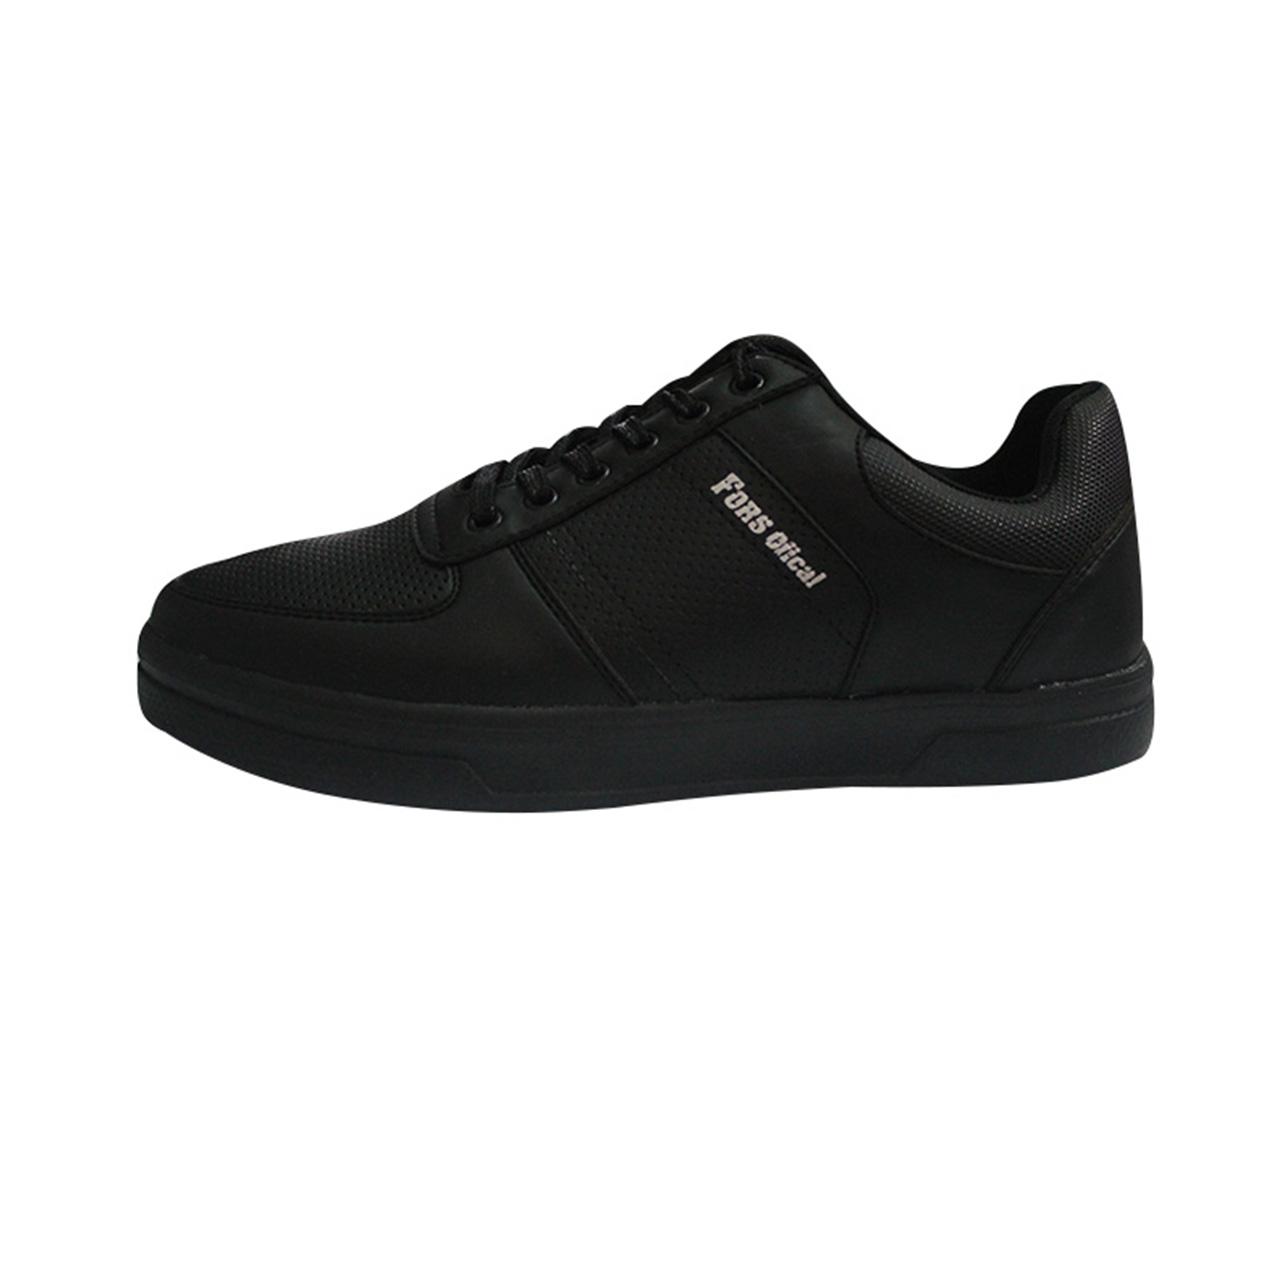 کفش مخصوص پیاده روی و دویدن مردانه فورس مدل 2020m1B